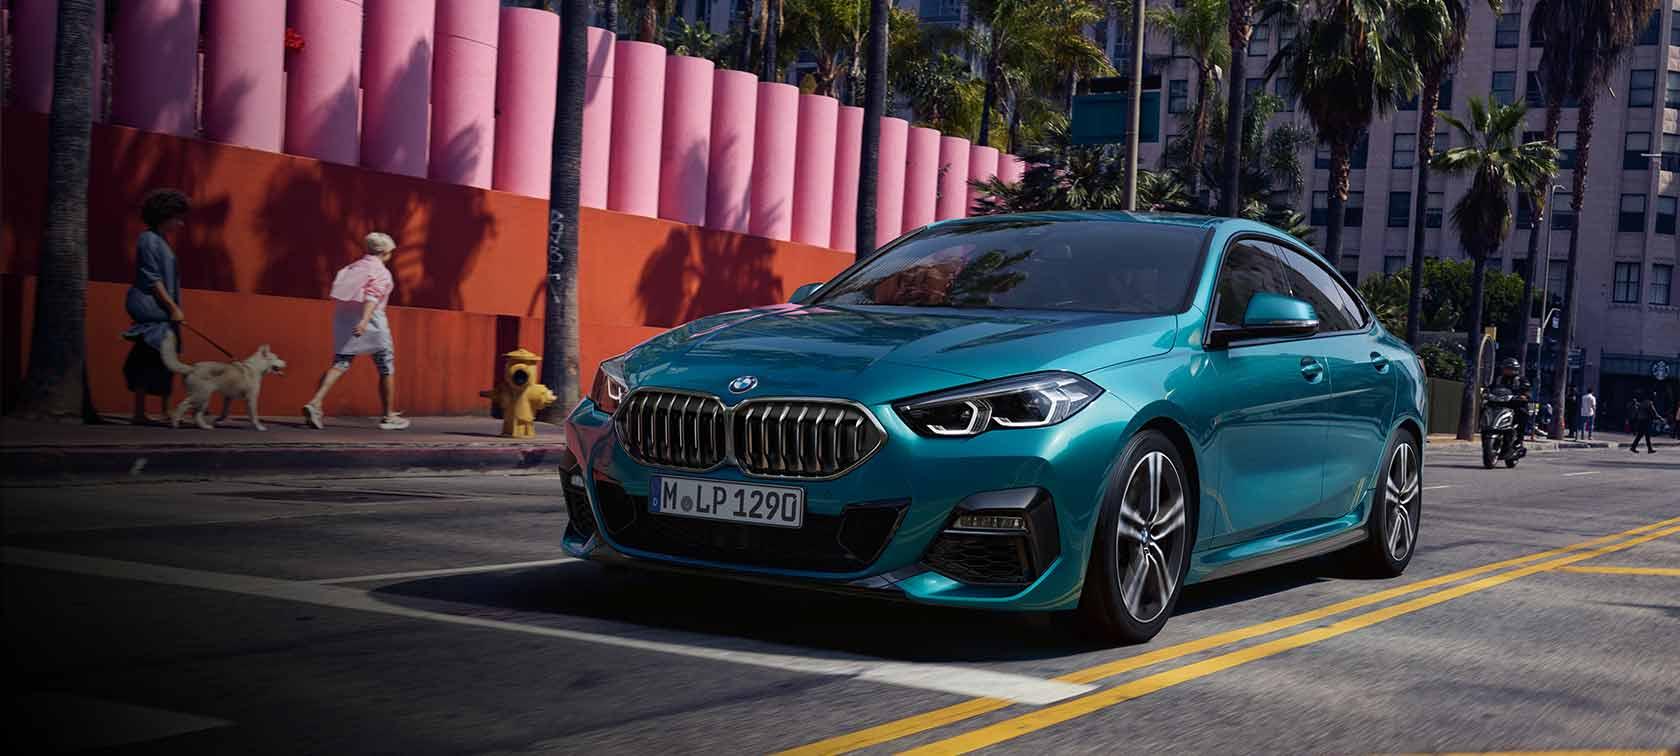 The BMW 2 Series Gran Coupé